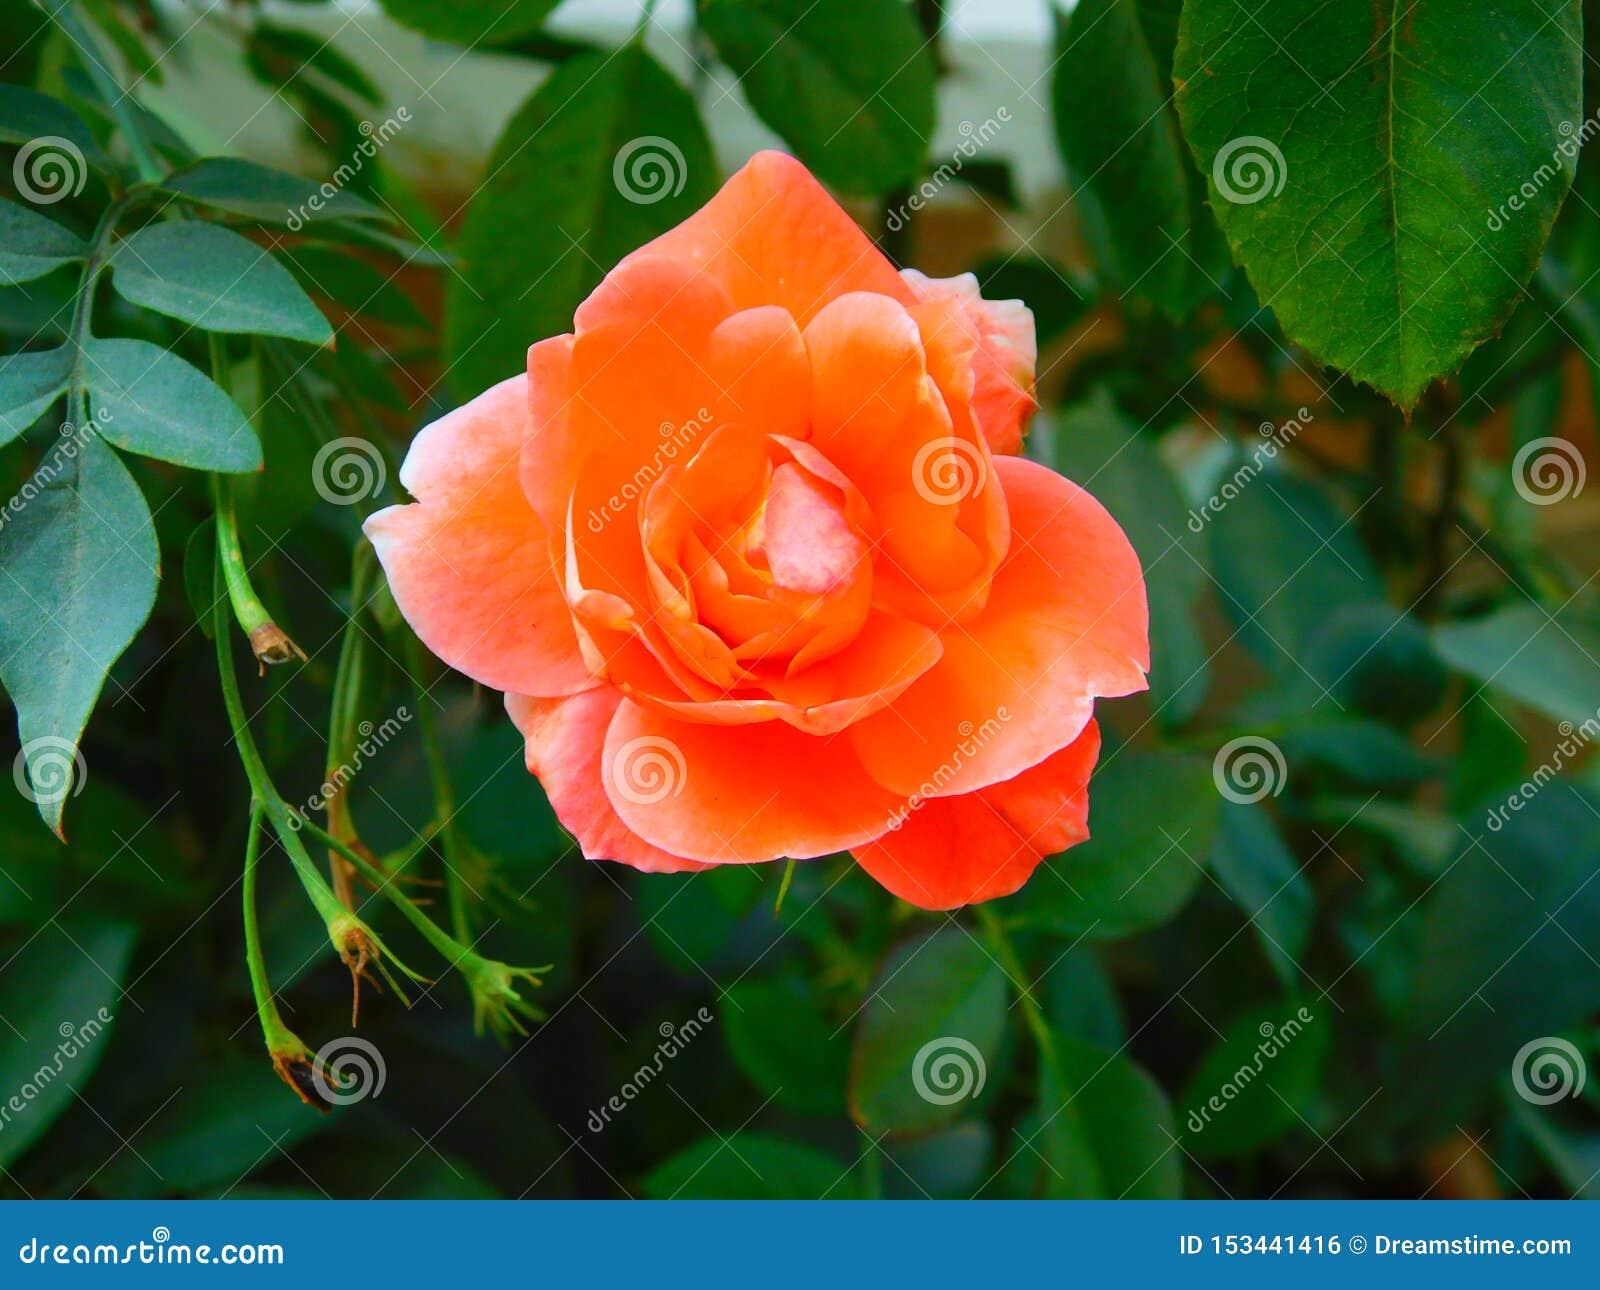 Красивый свежий оранжевый розовый цветок